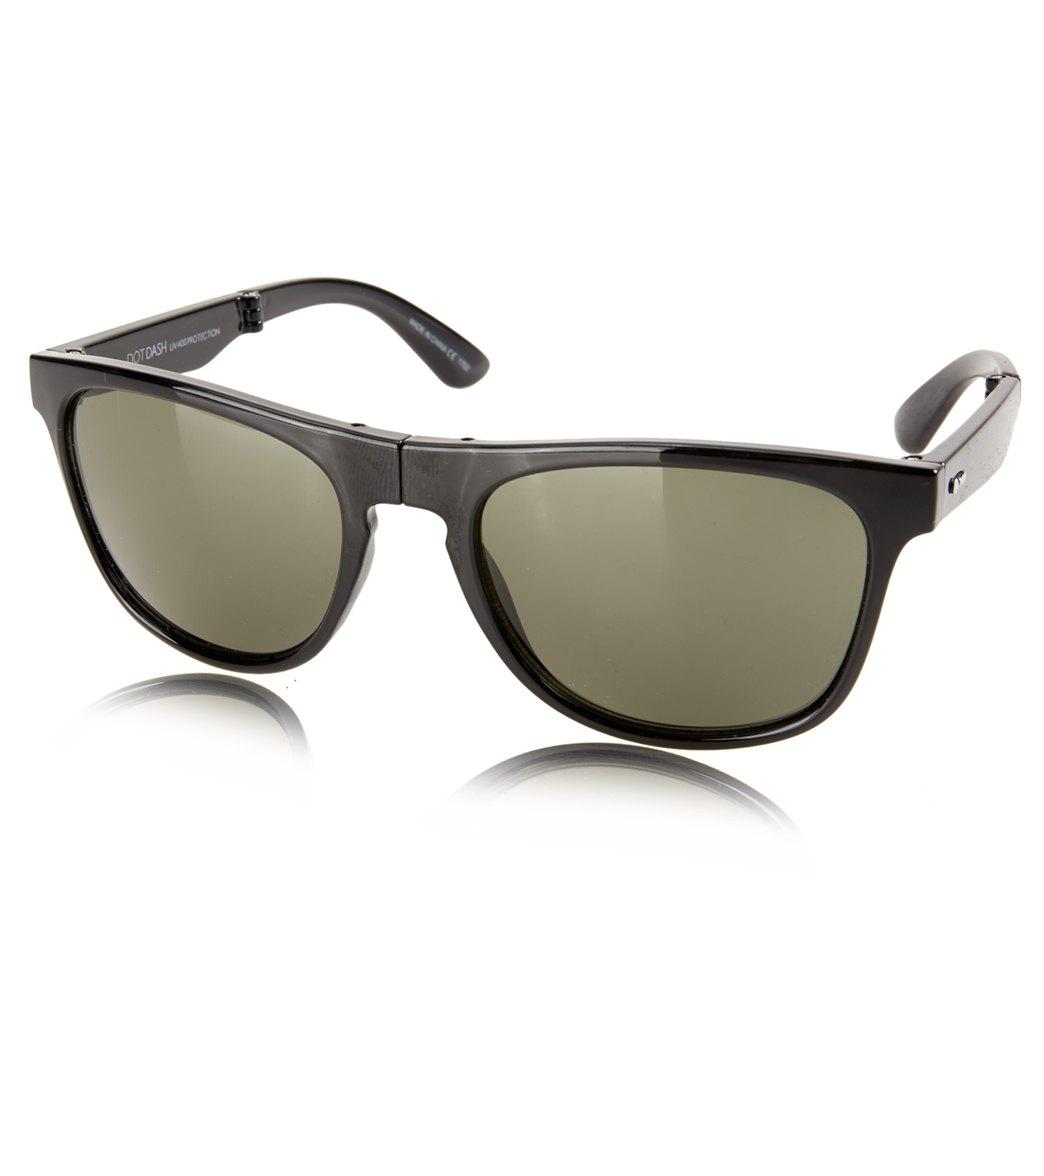 1a8c3362e7 Dot Dash Koo-Koo-Ka-Choo Polarized Sunglasses at SwimOutlet.com